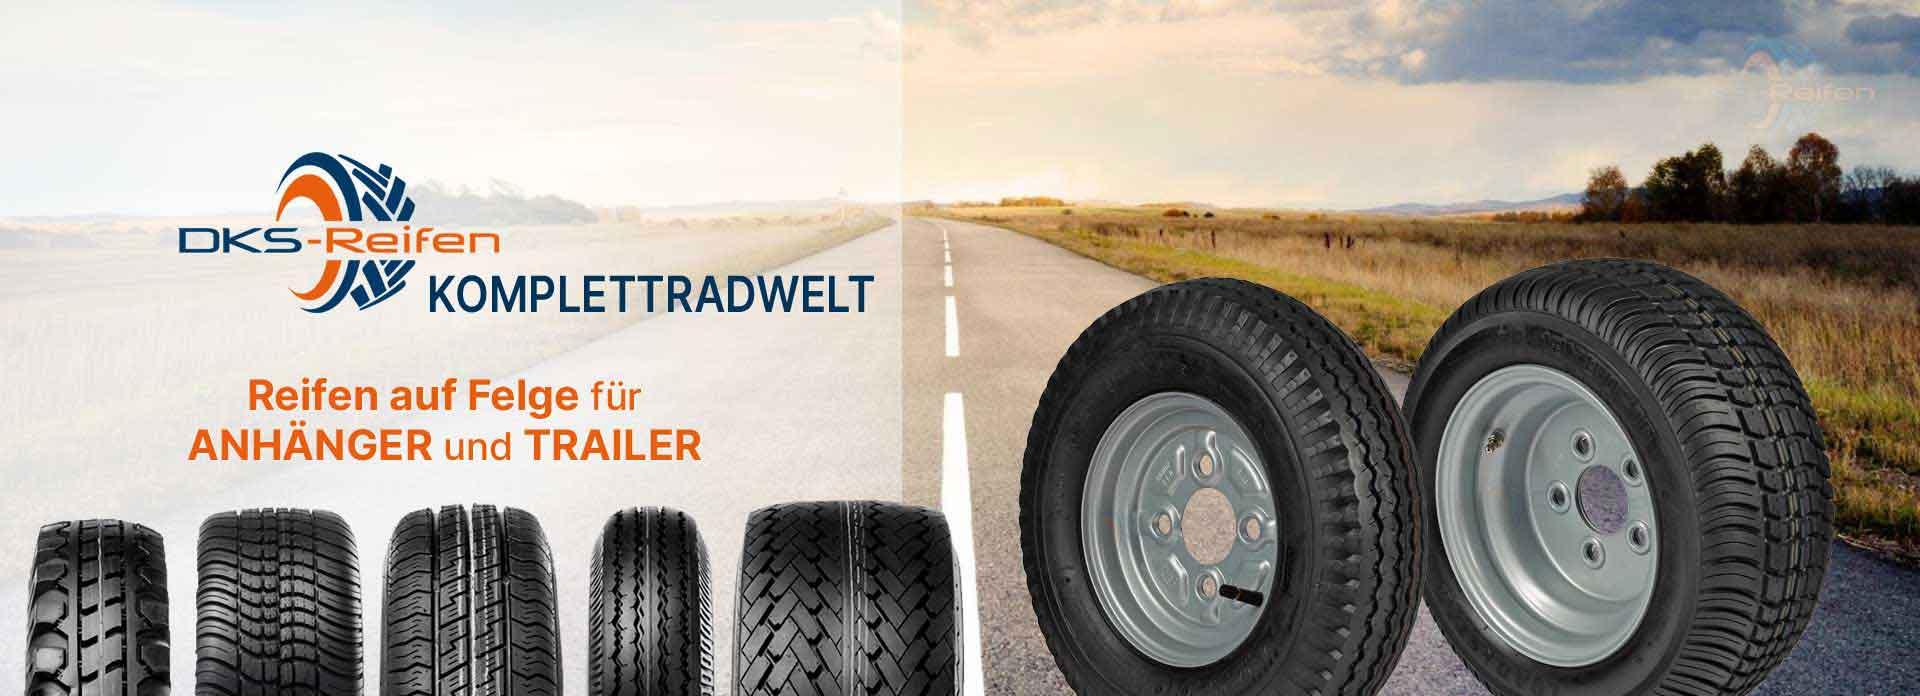 DKS Reifen Online Fachhandel   Kompletträder für Anhänger und Trailer